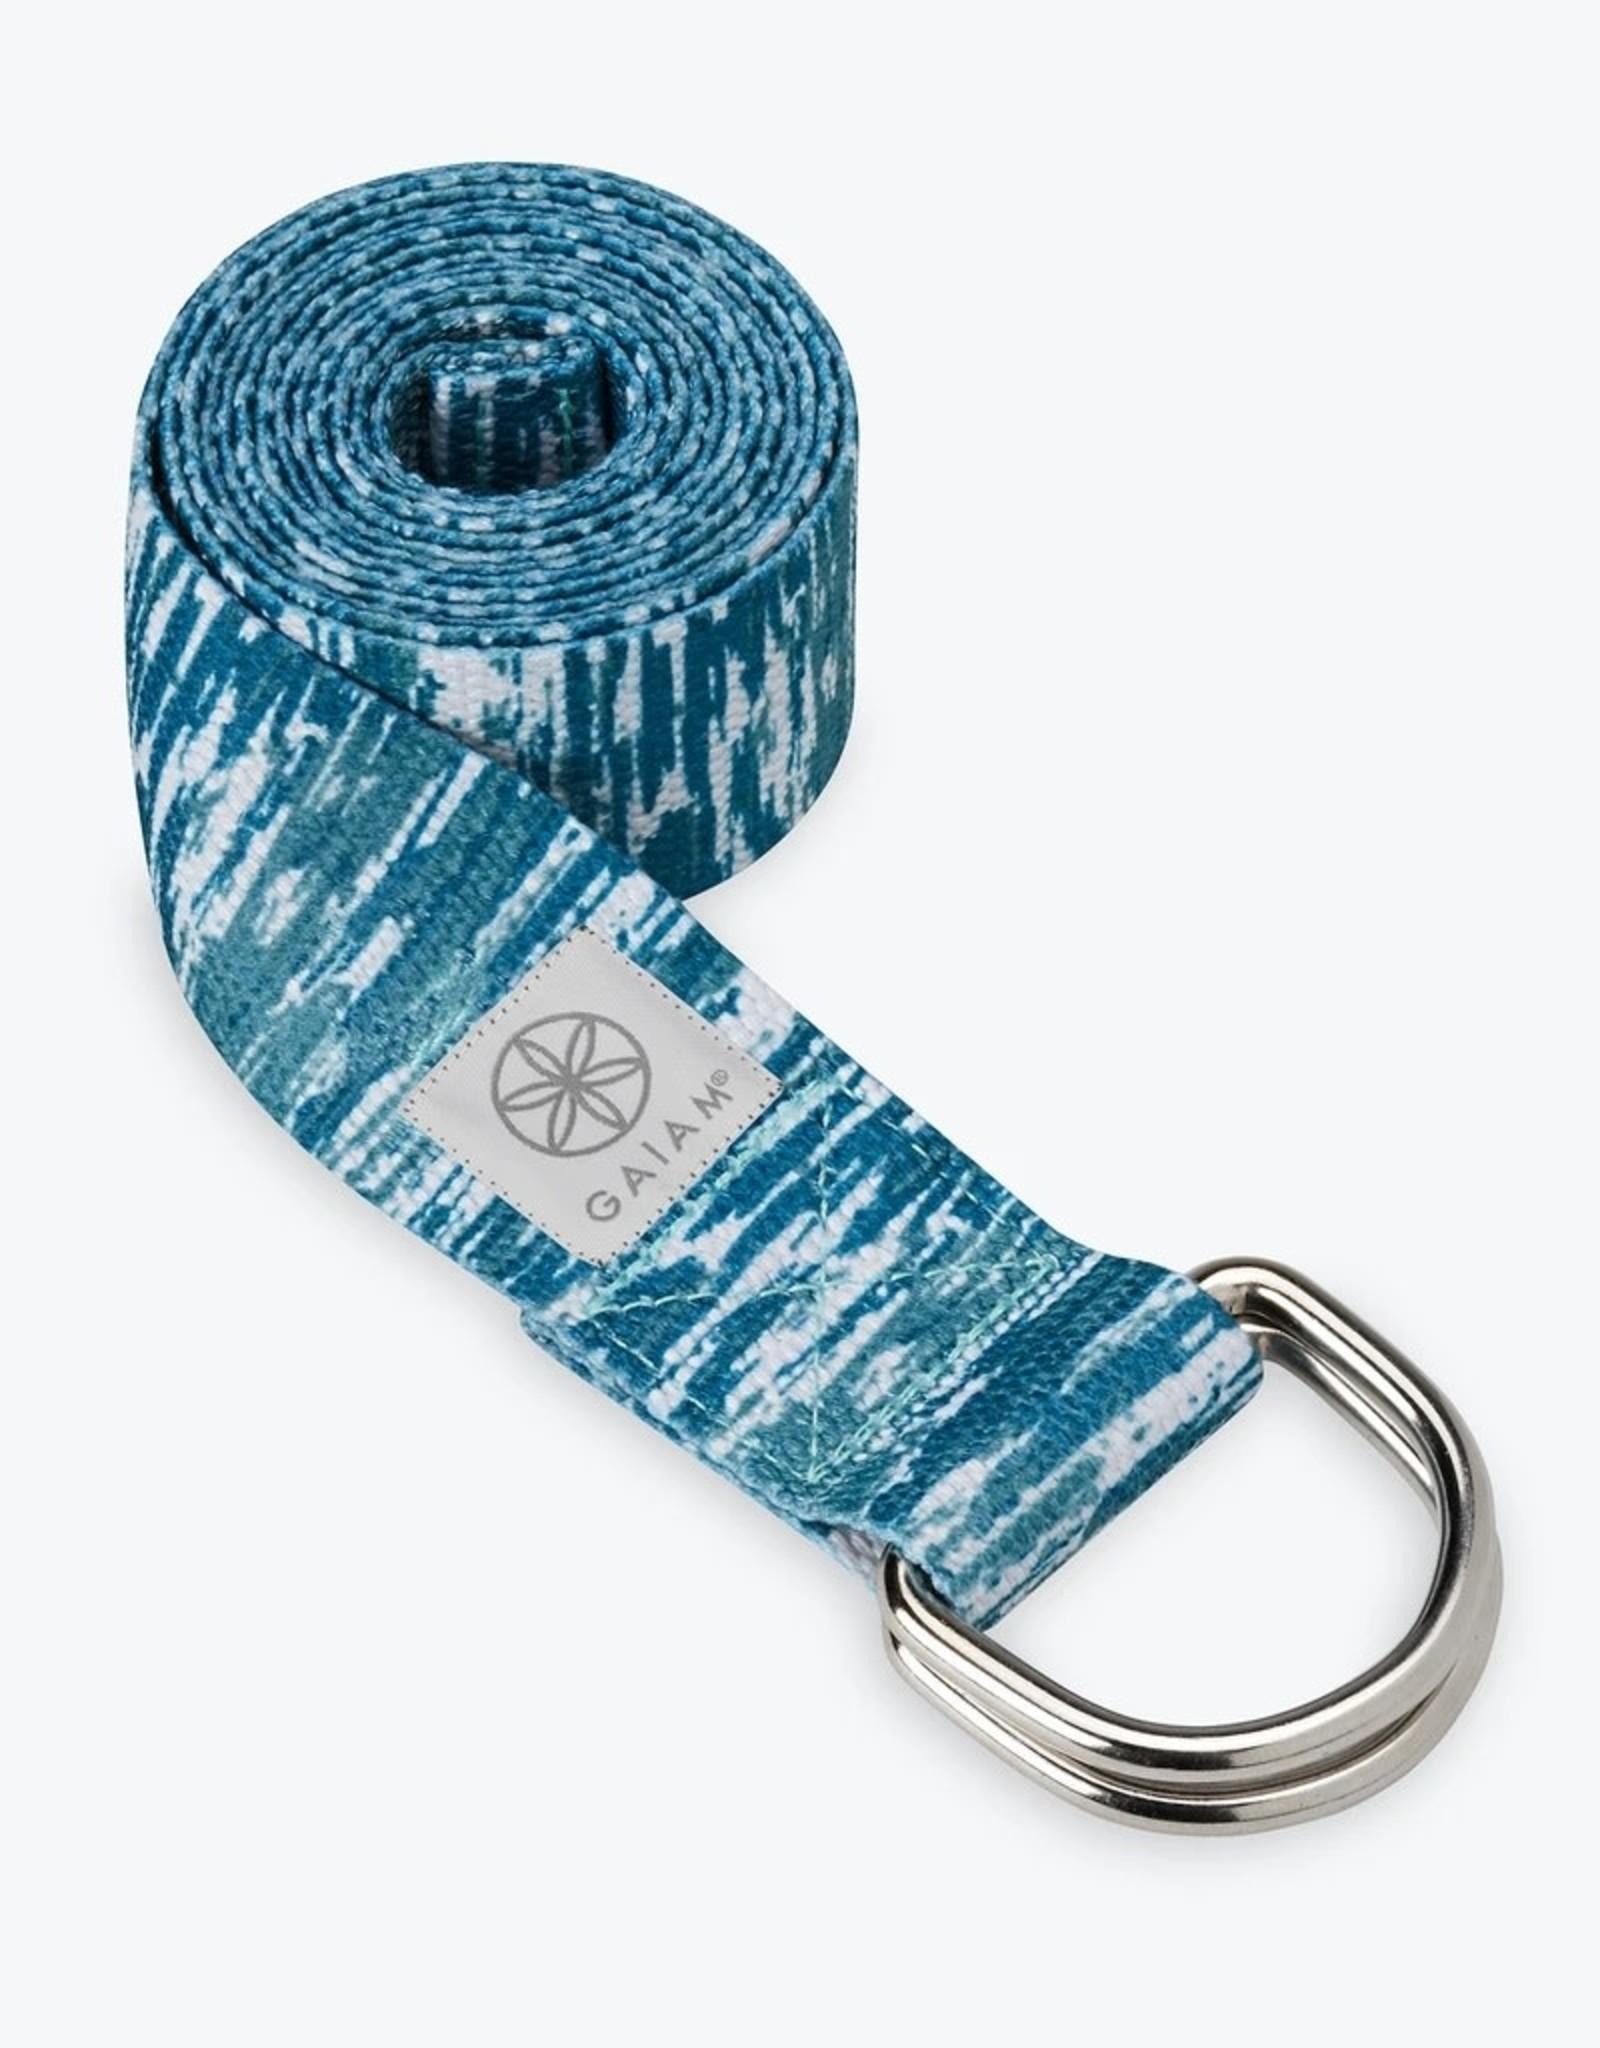 Gaiam Yoga Strap